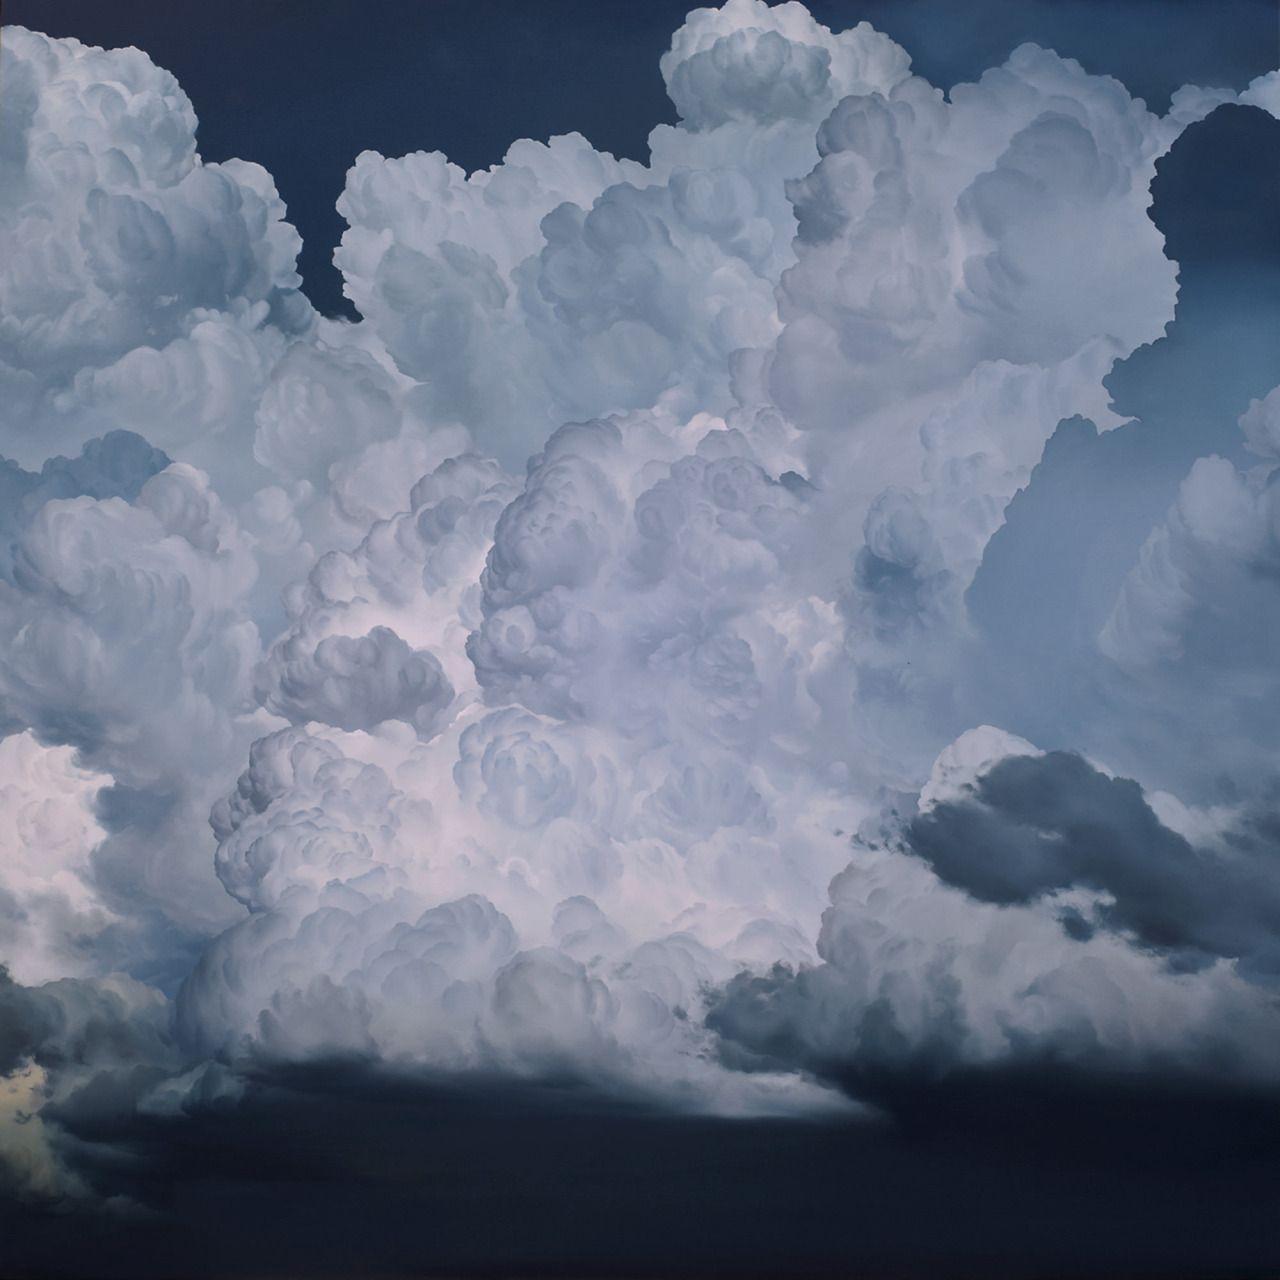 Bildergebnis für clouds paintings